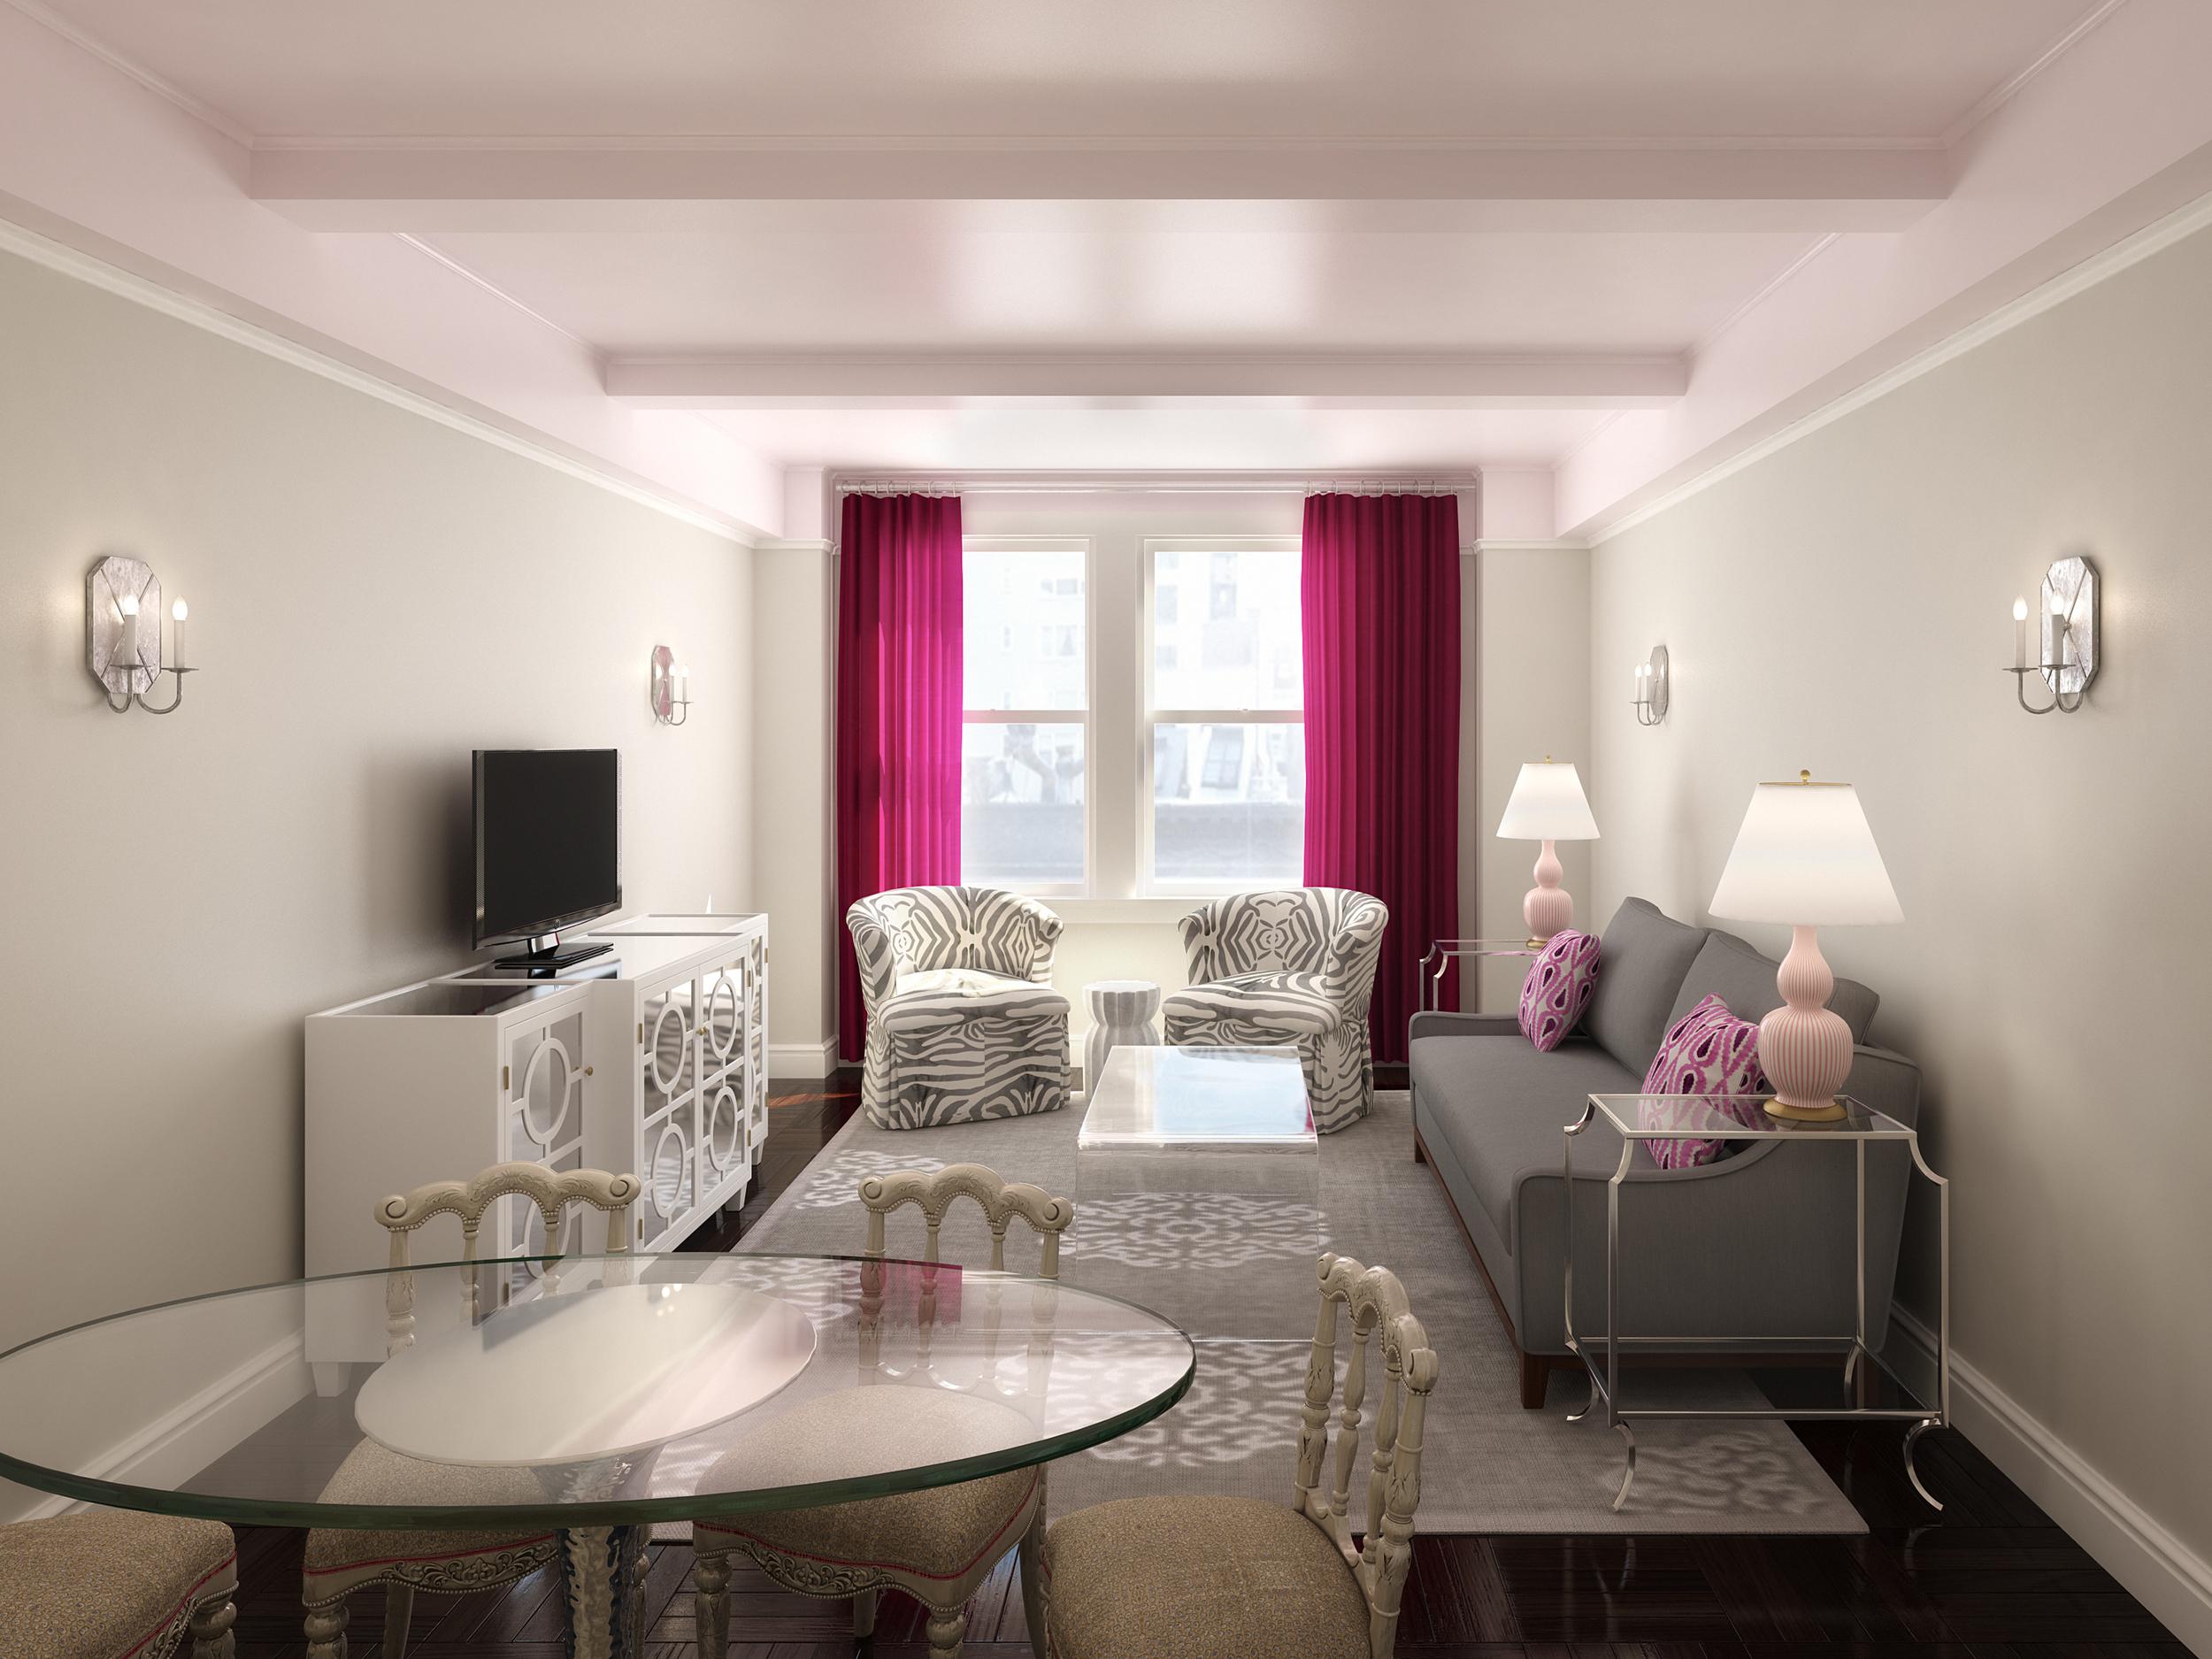 Living Room final 02.jpg